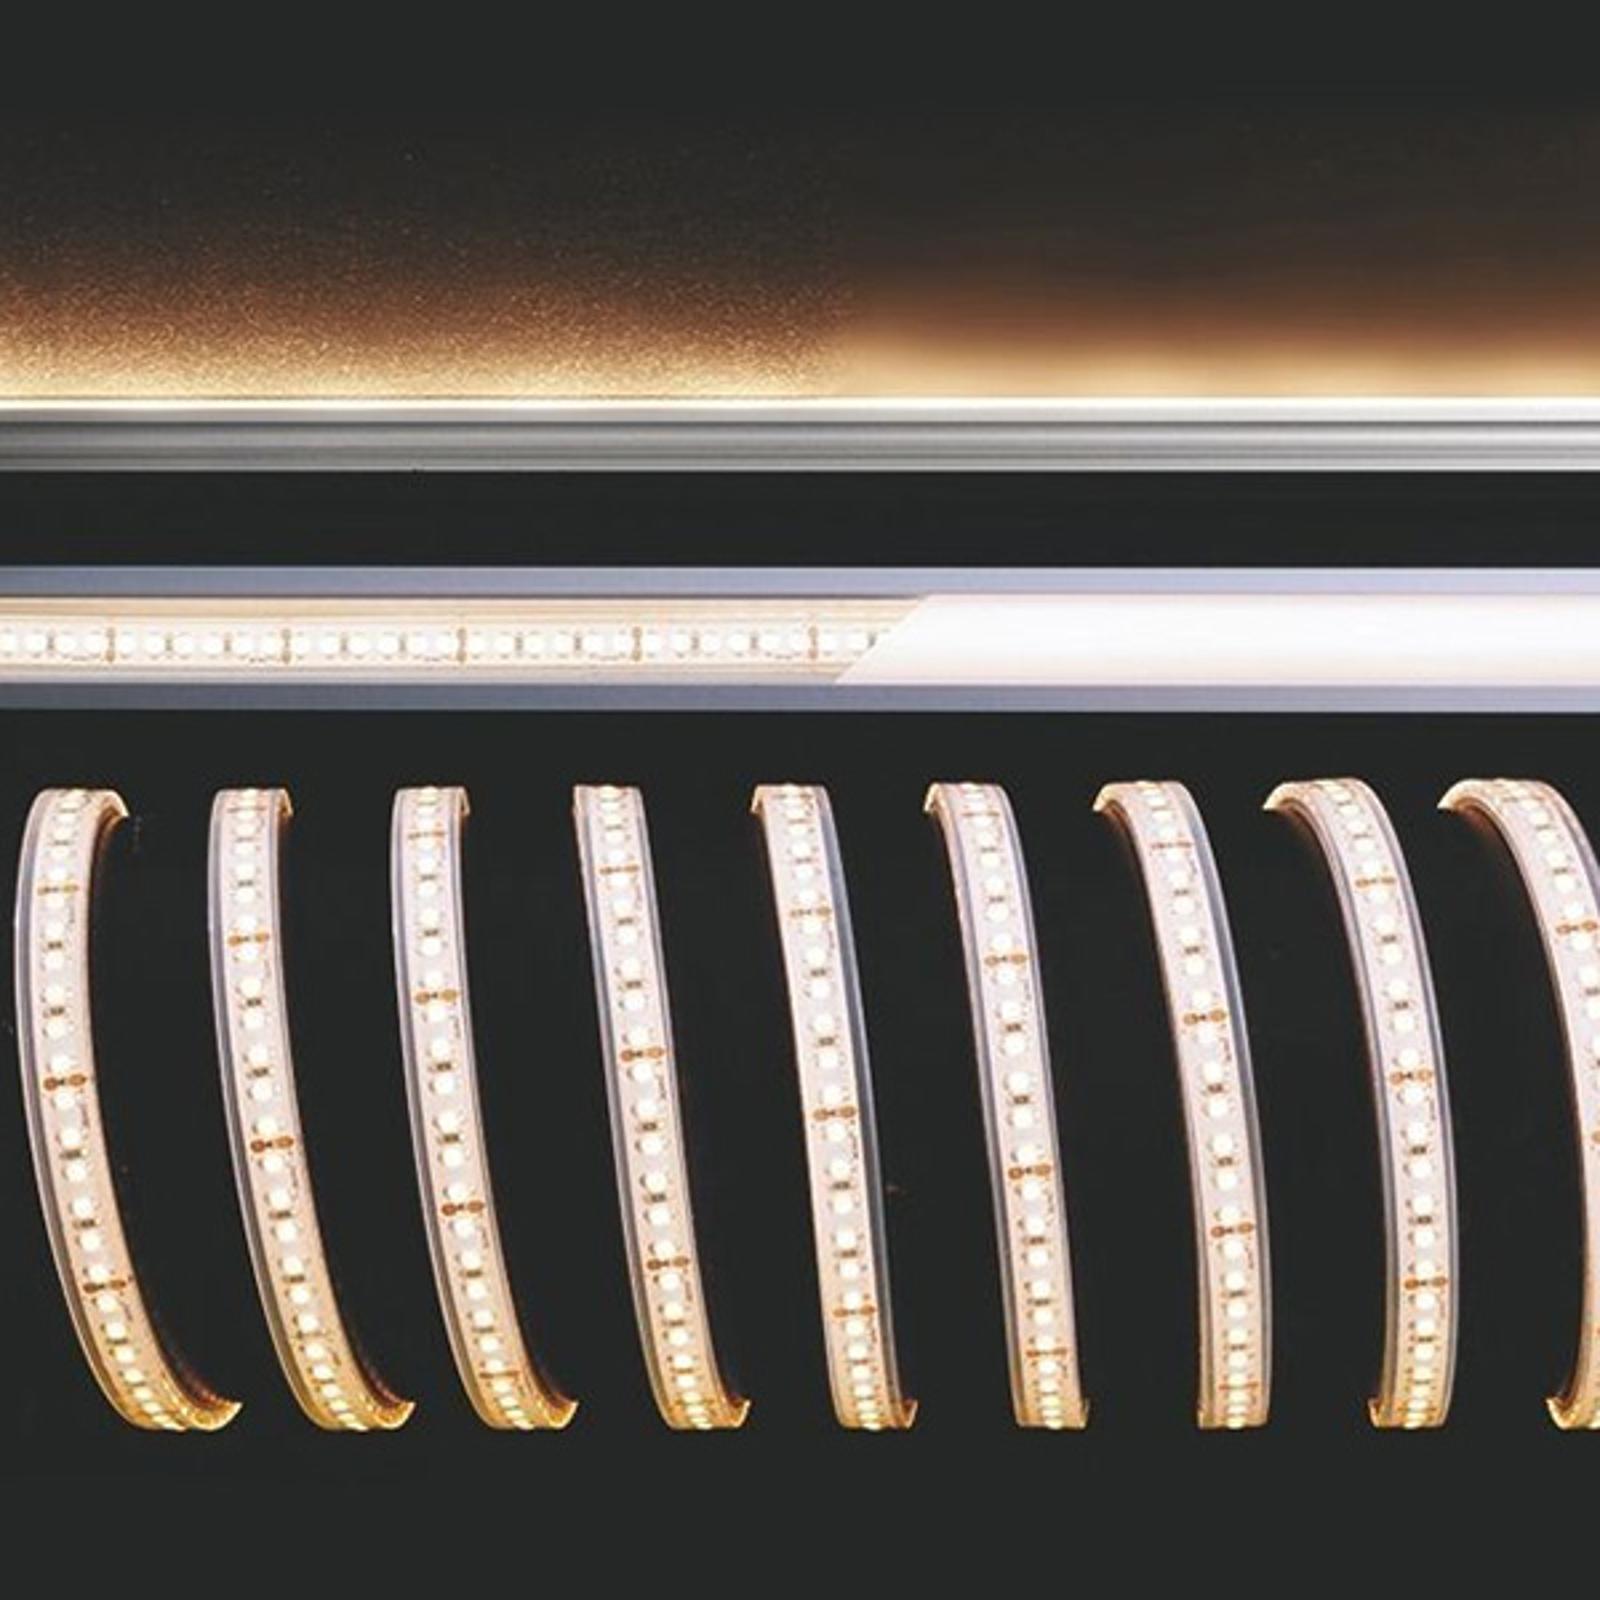 Flexibel LED-list, 55 W 500 x 1,1 x 0,44 cm